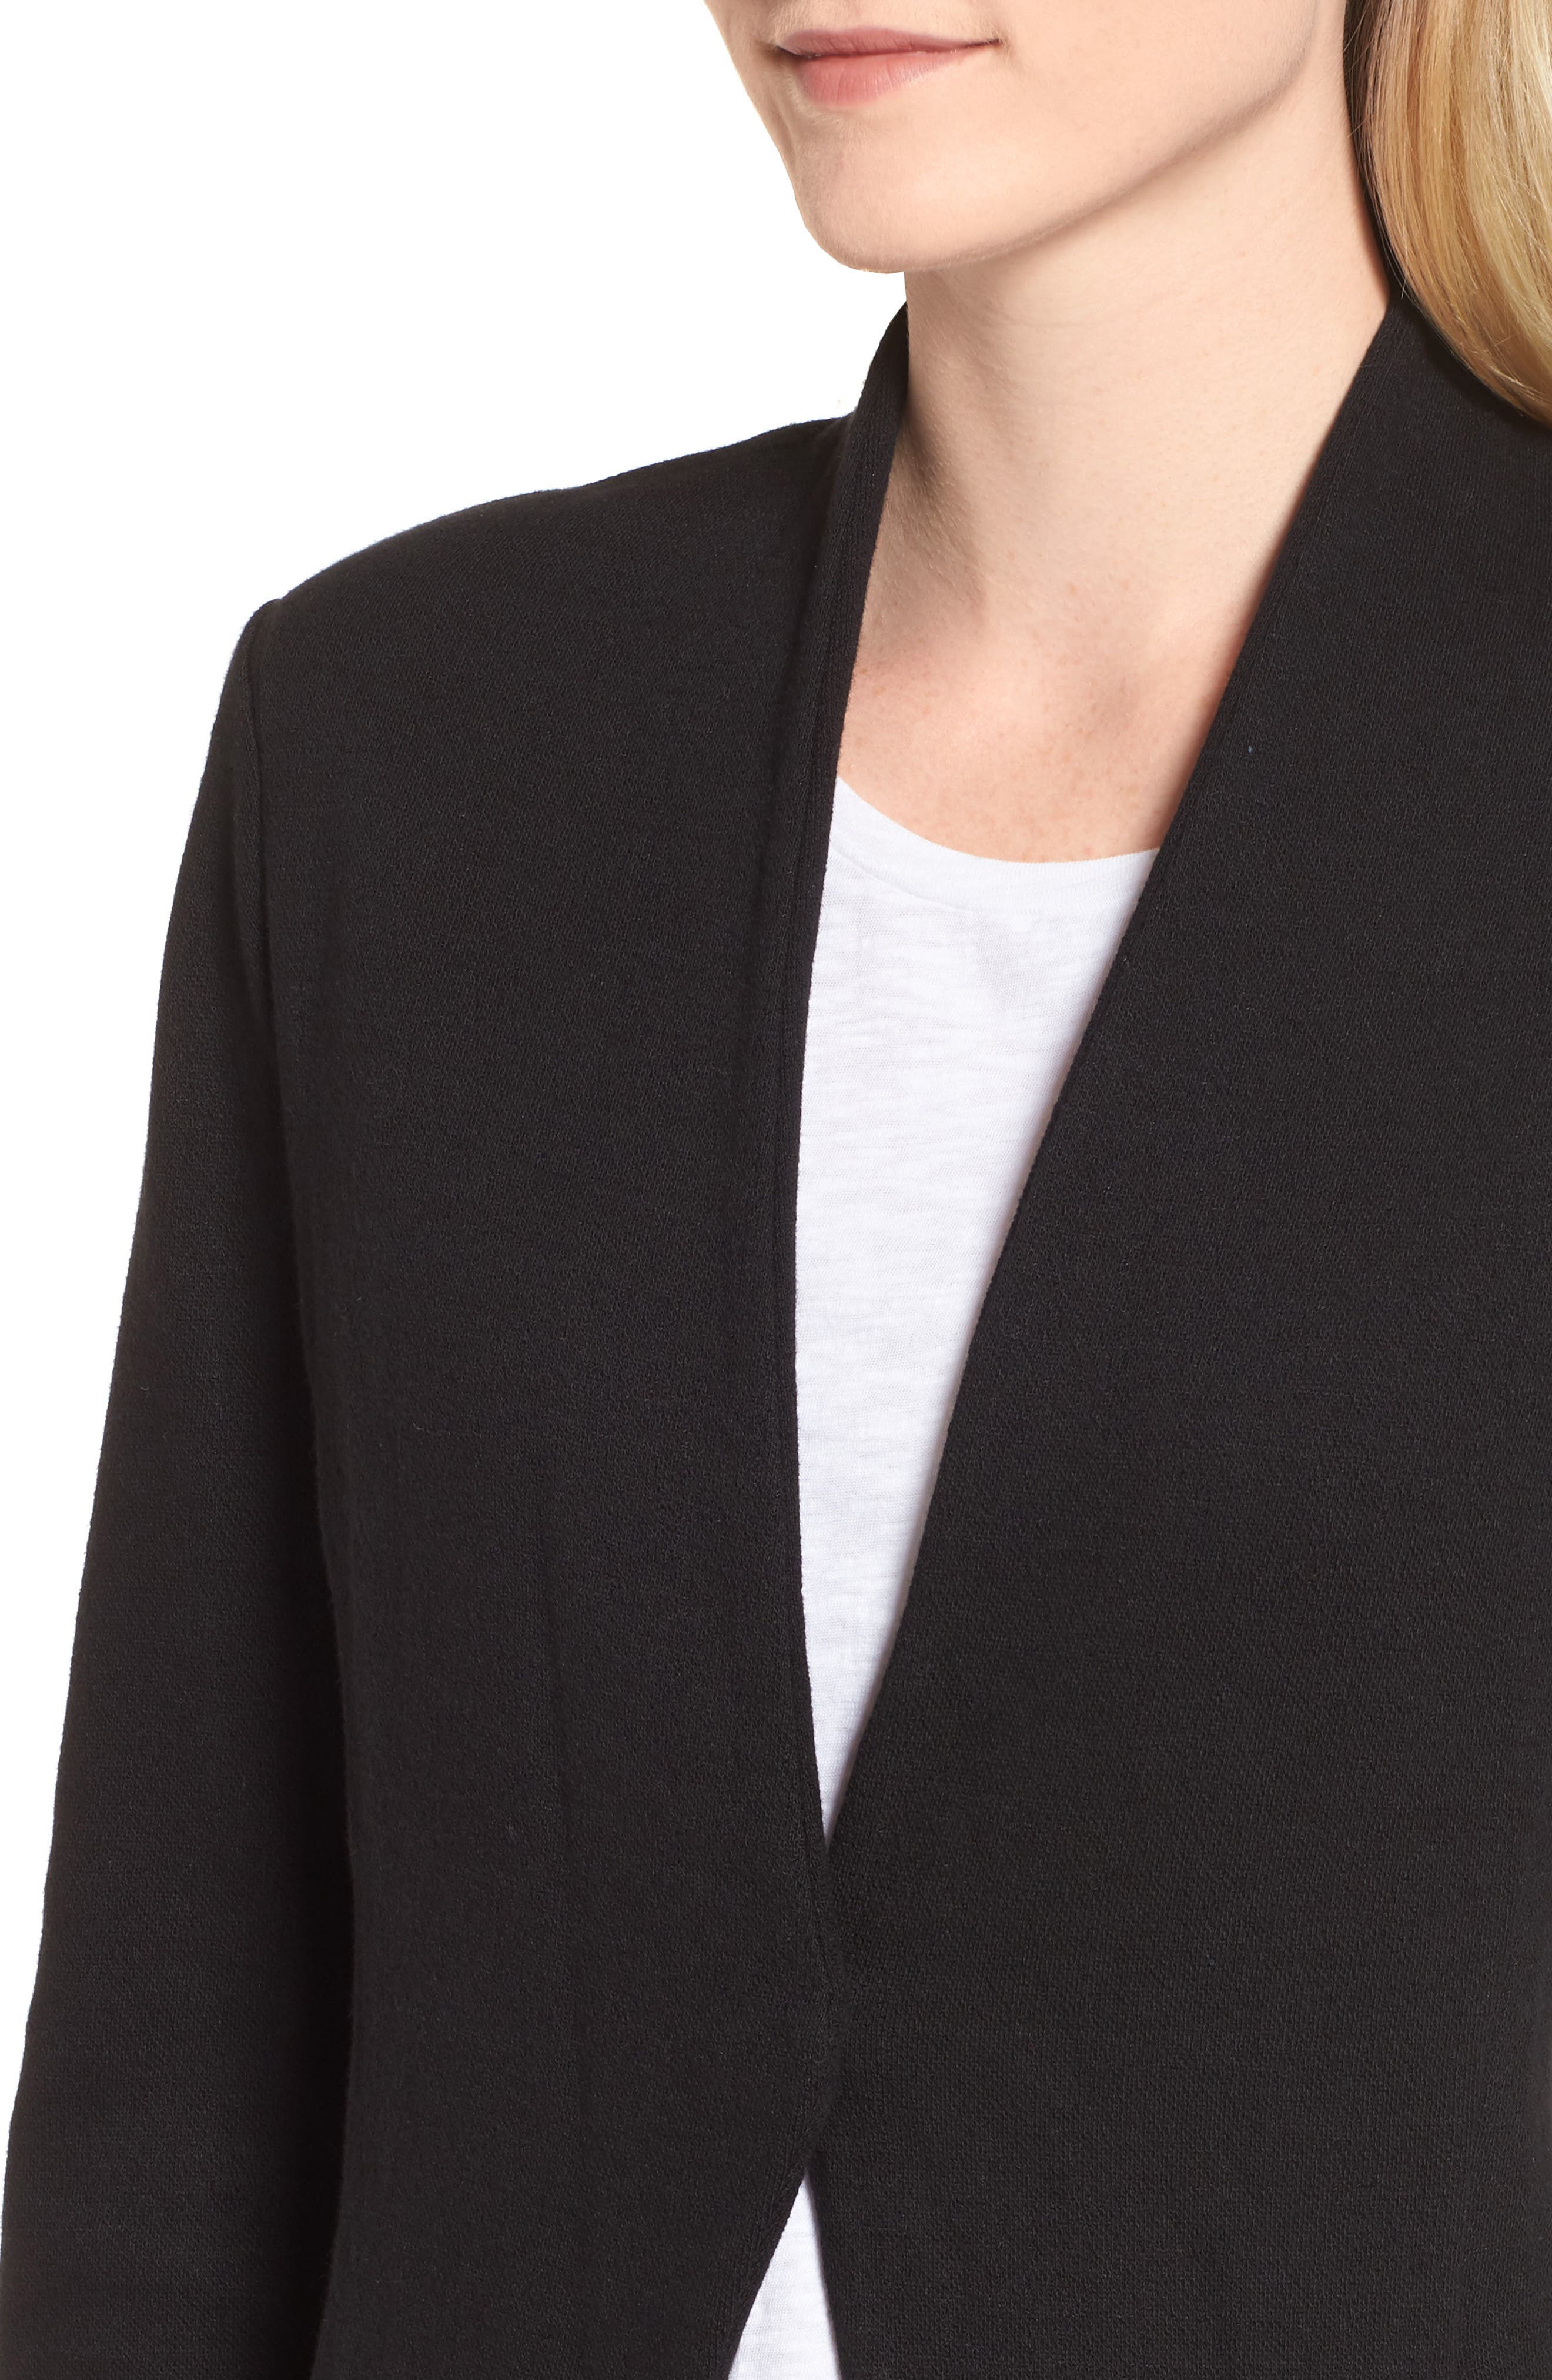 Sleek Jacket,                             Alternate thumbnail 4, color,                             BLACK ONYX